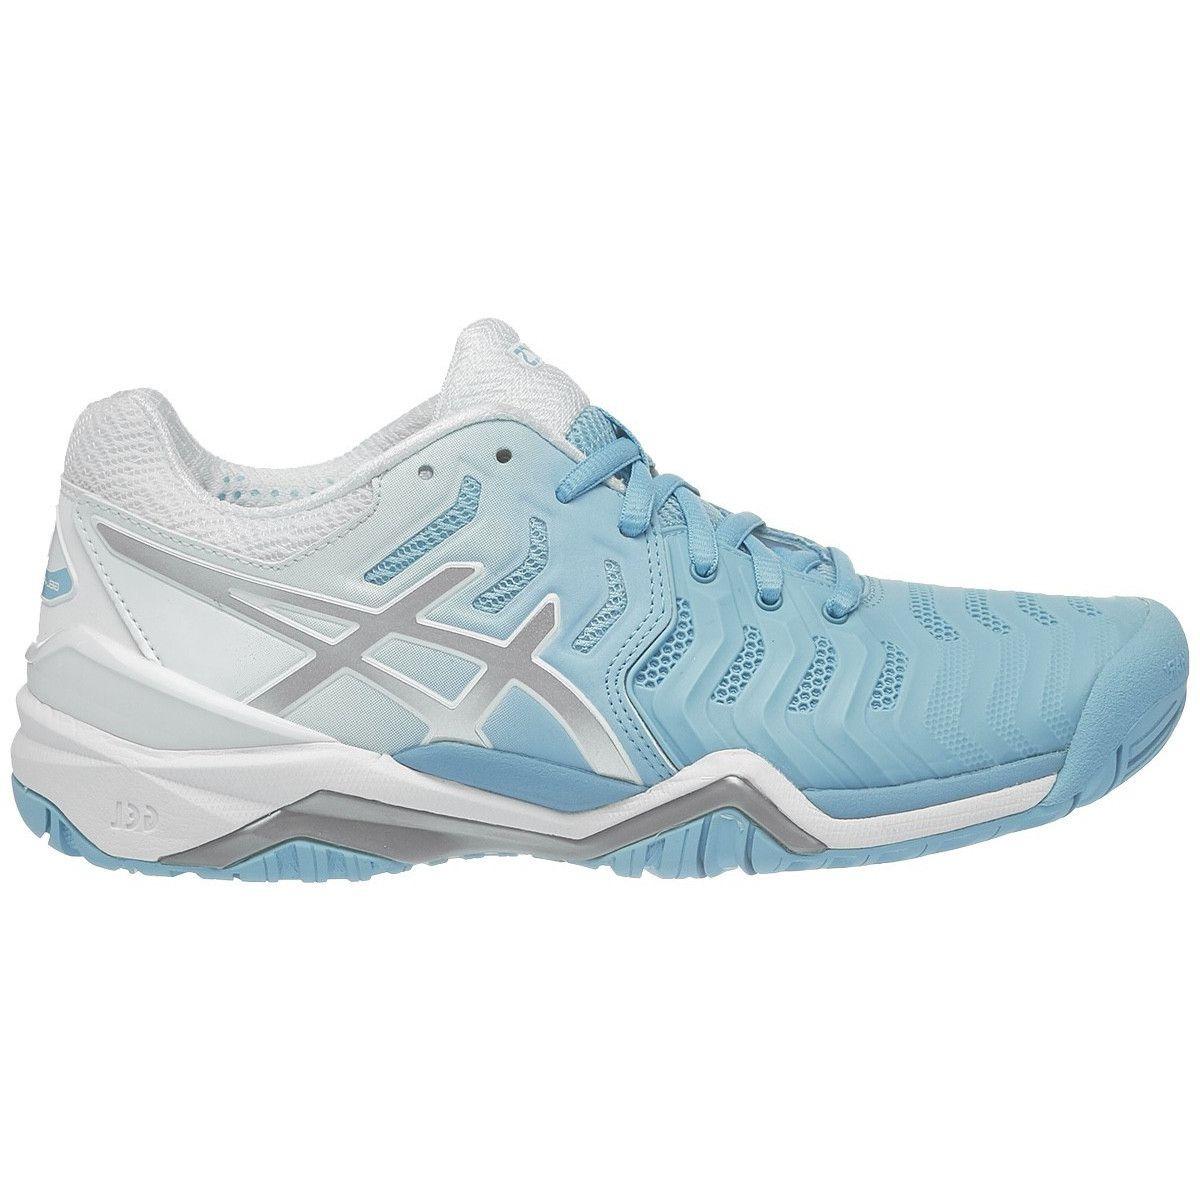 86819703a6d tênis asics gel resolution 7 azul claro prata e branco. Carregando zoom.